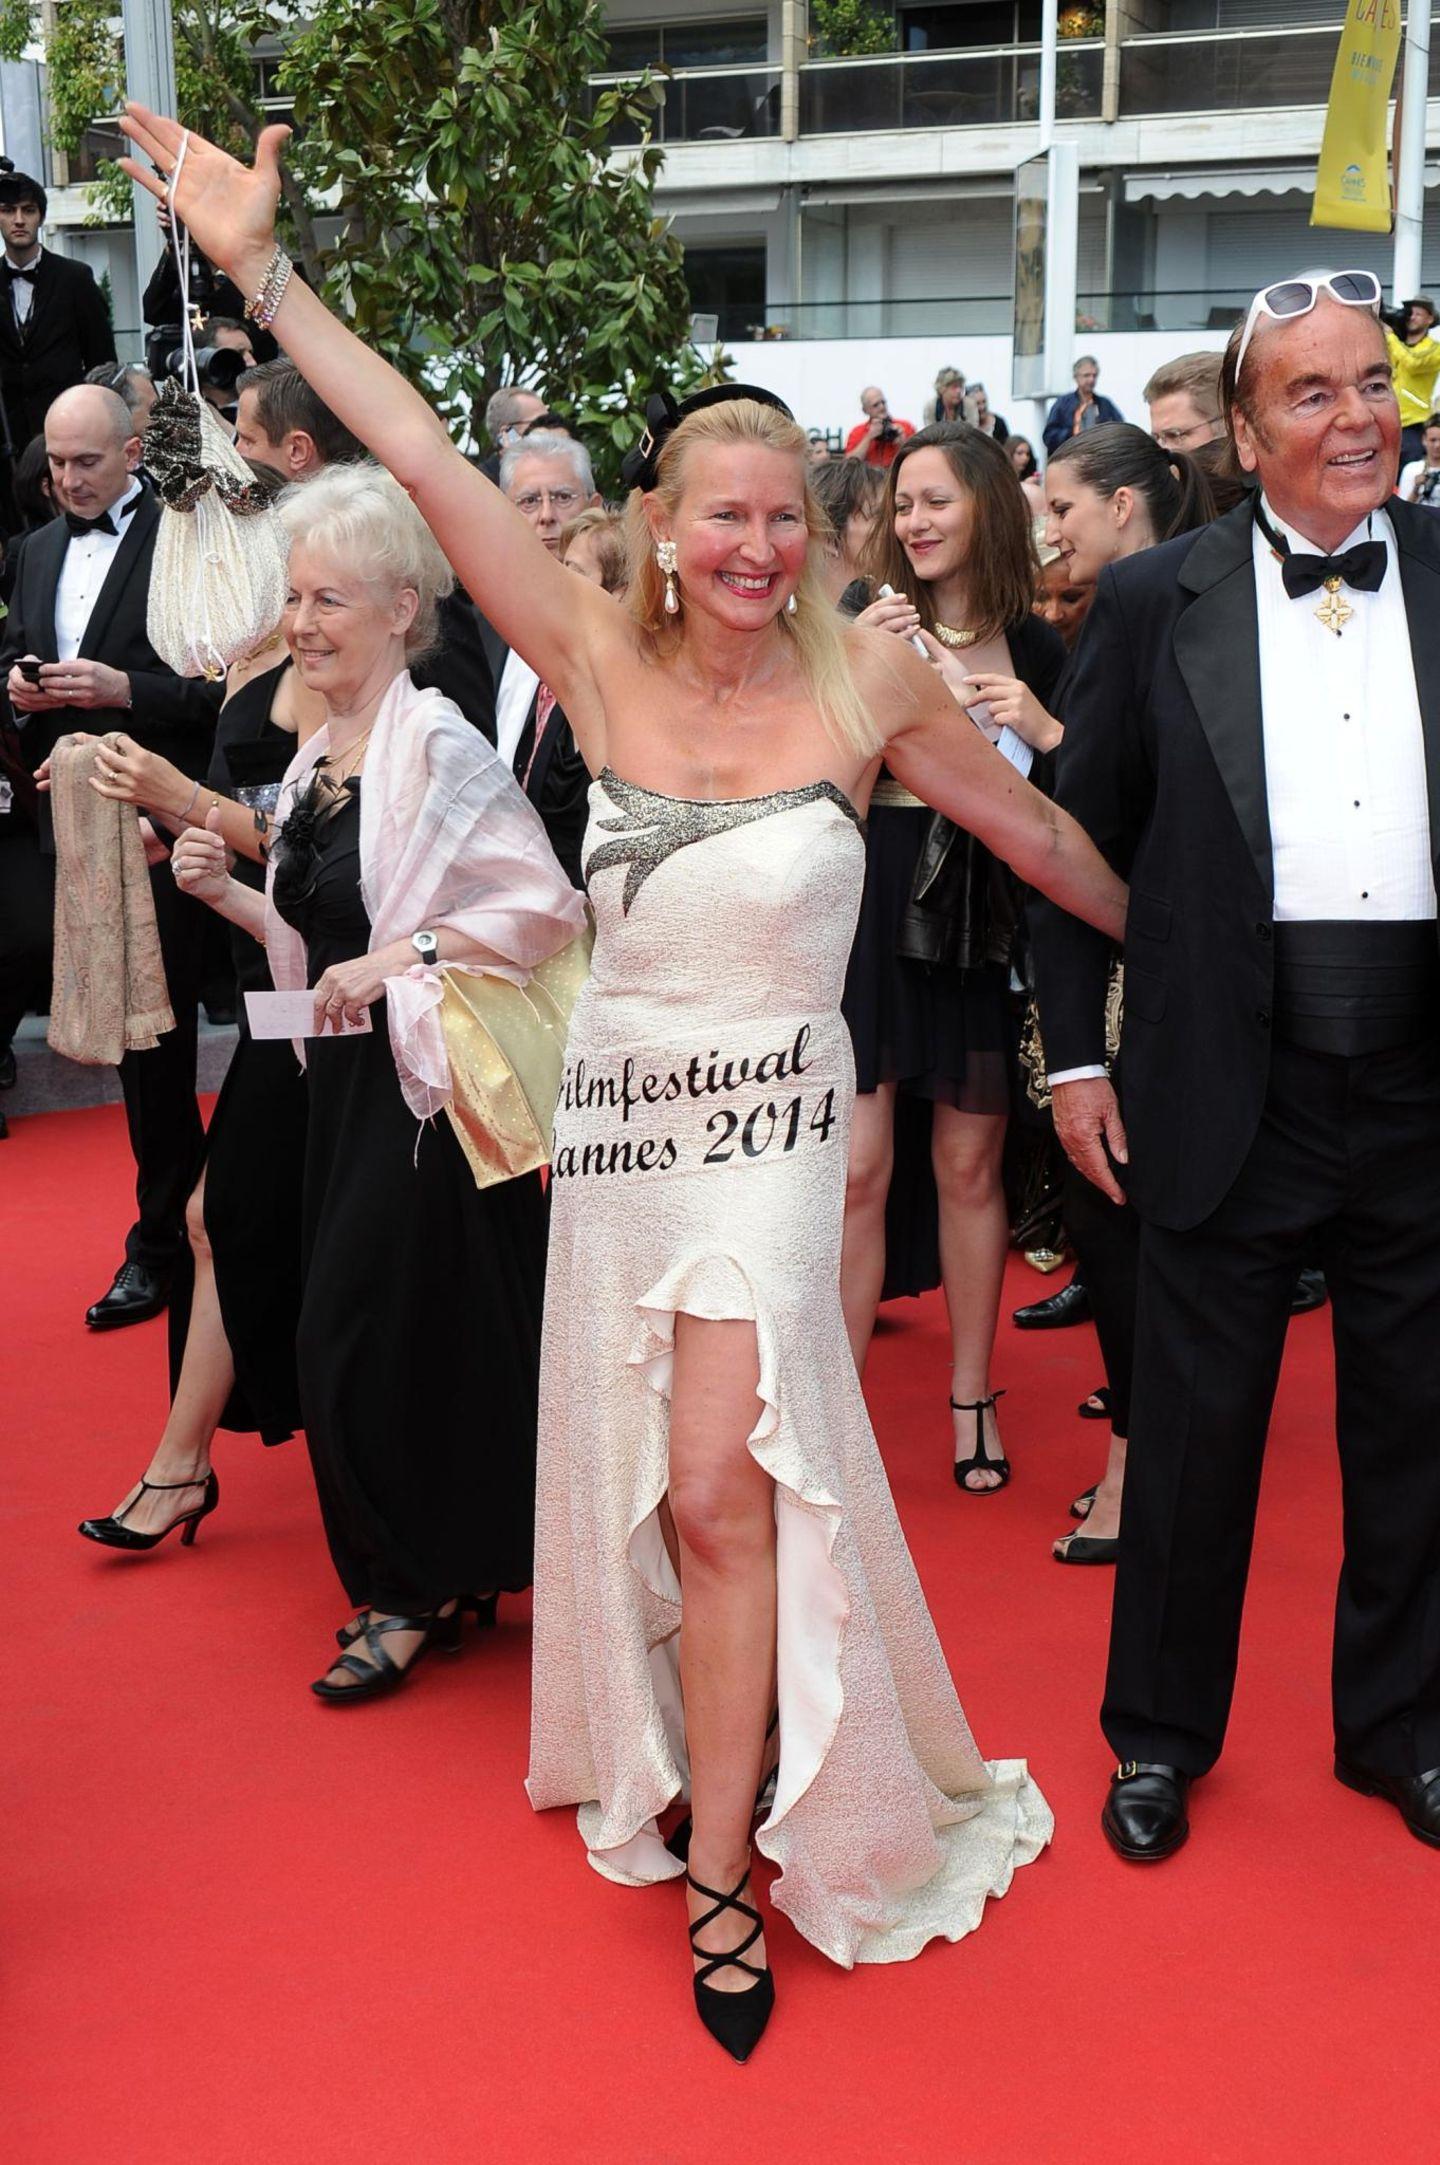 Um nicht zu vergessen, auf welcher Veranstaltung sie sich befindet, hat sich diese Dame alles noch mal gut leserlich aufs Kleid geschrieben.